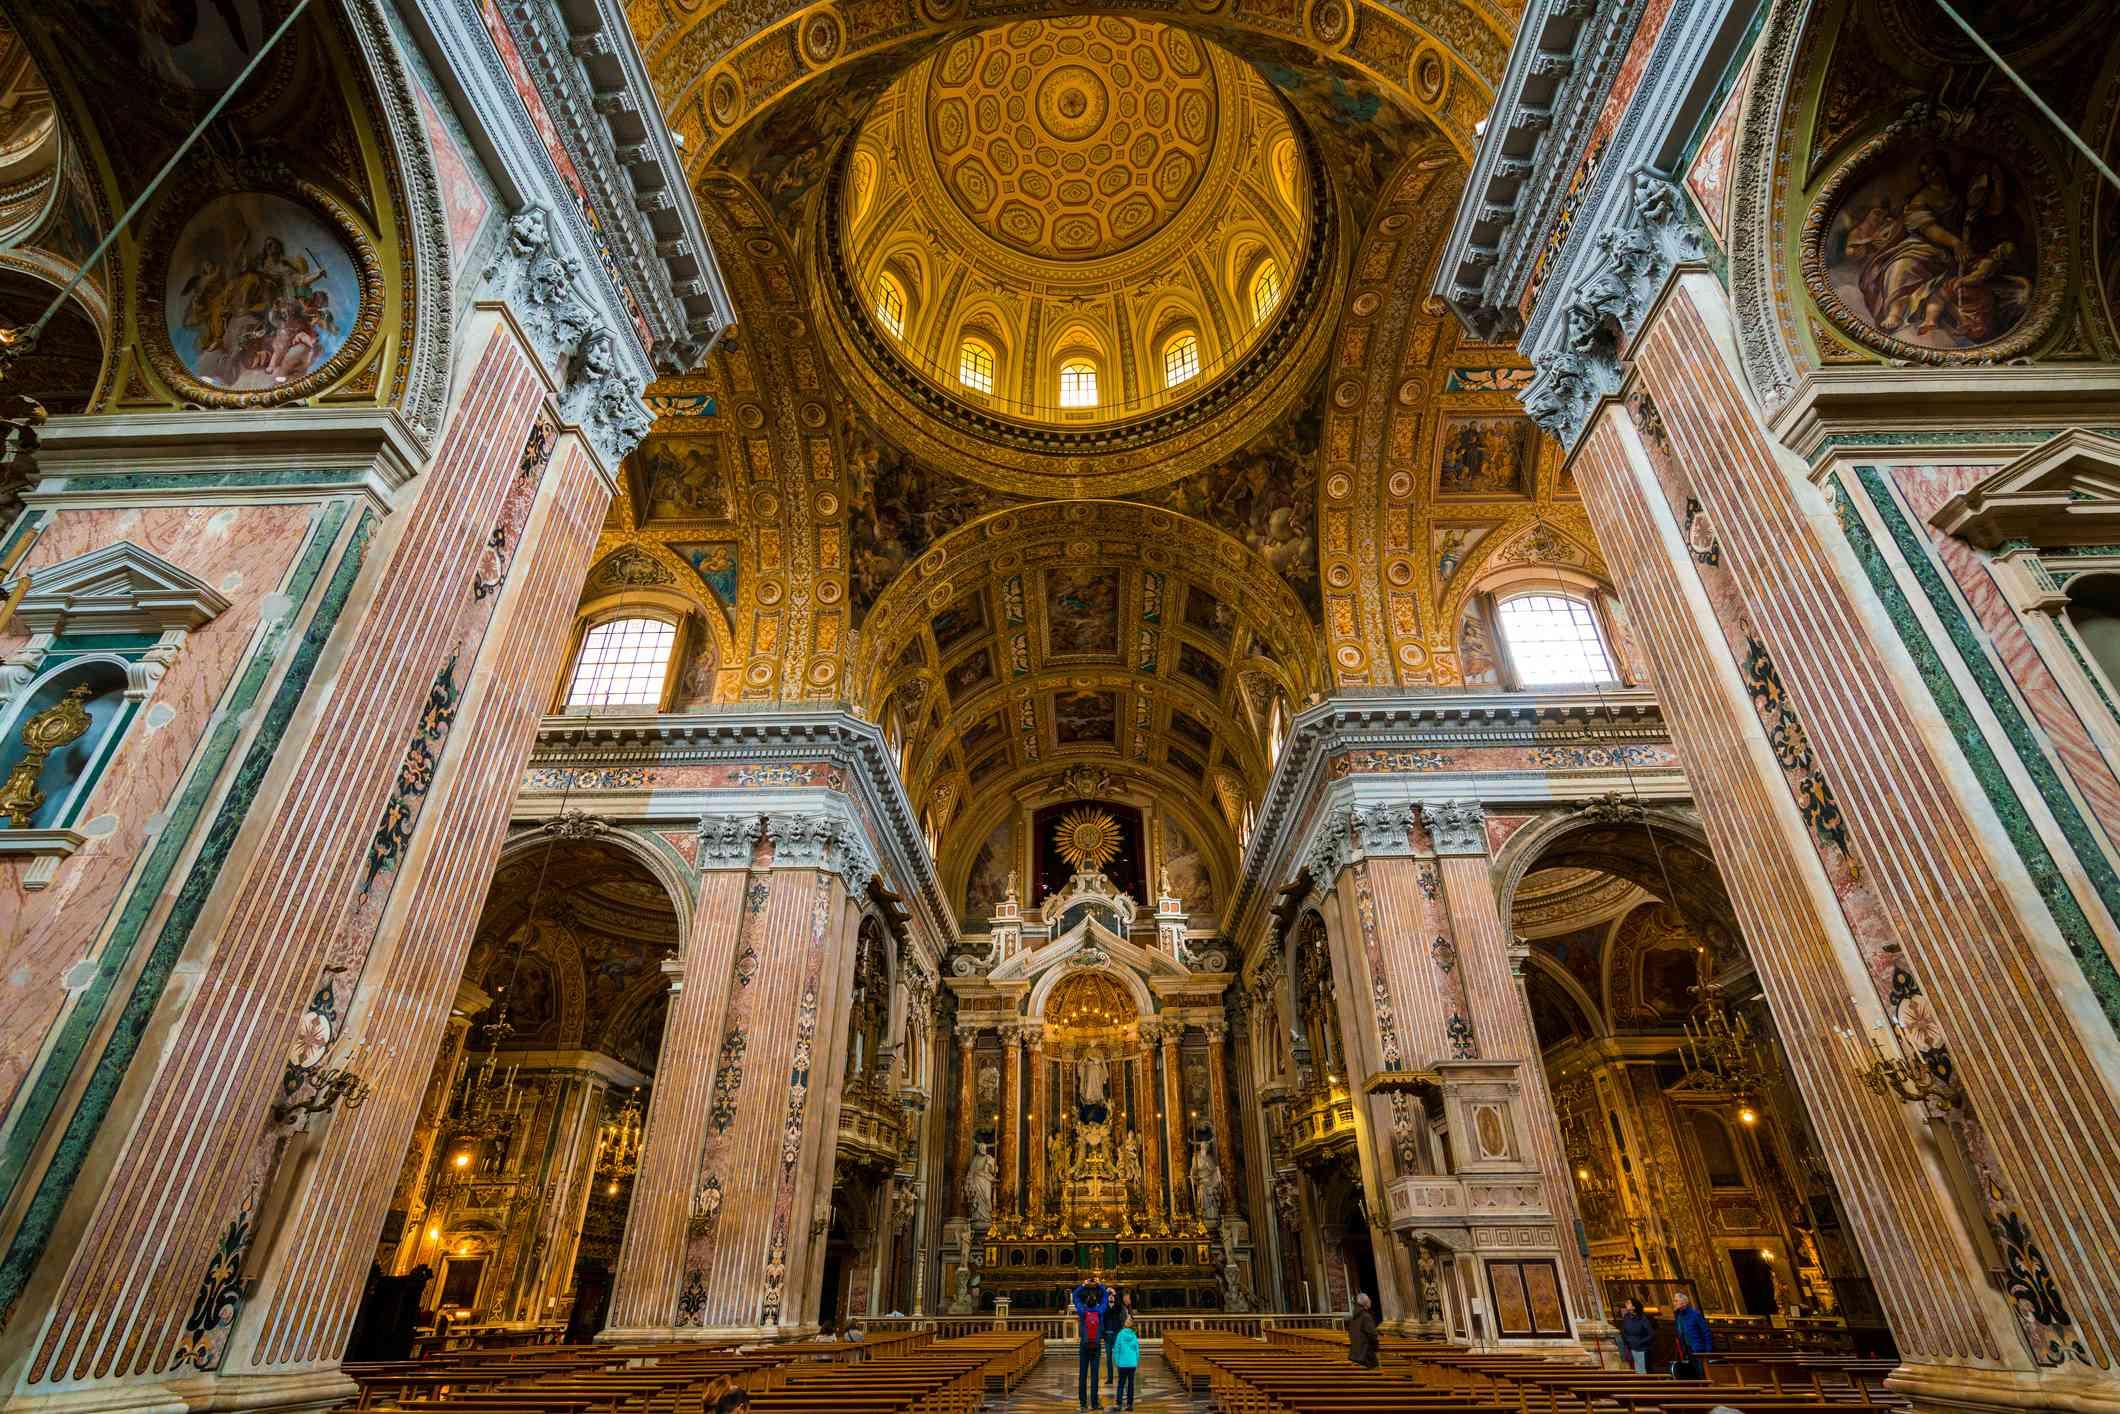 Interior of Chiesa del Gesù Nuovo, Naples